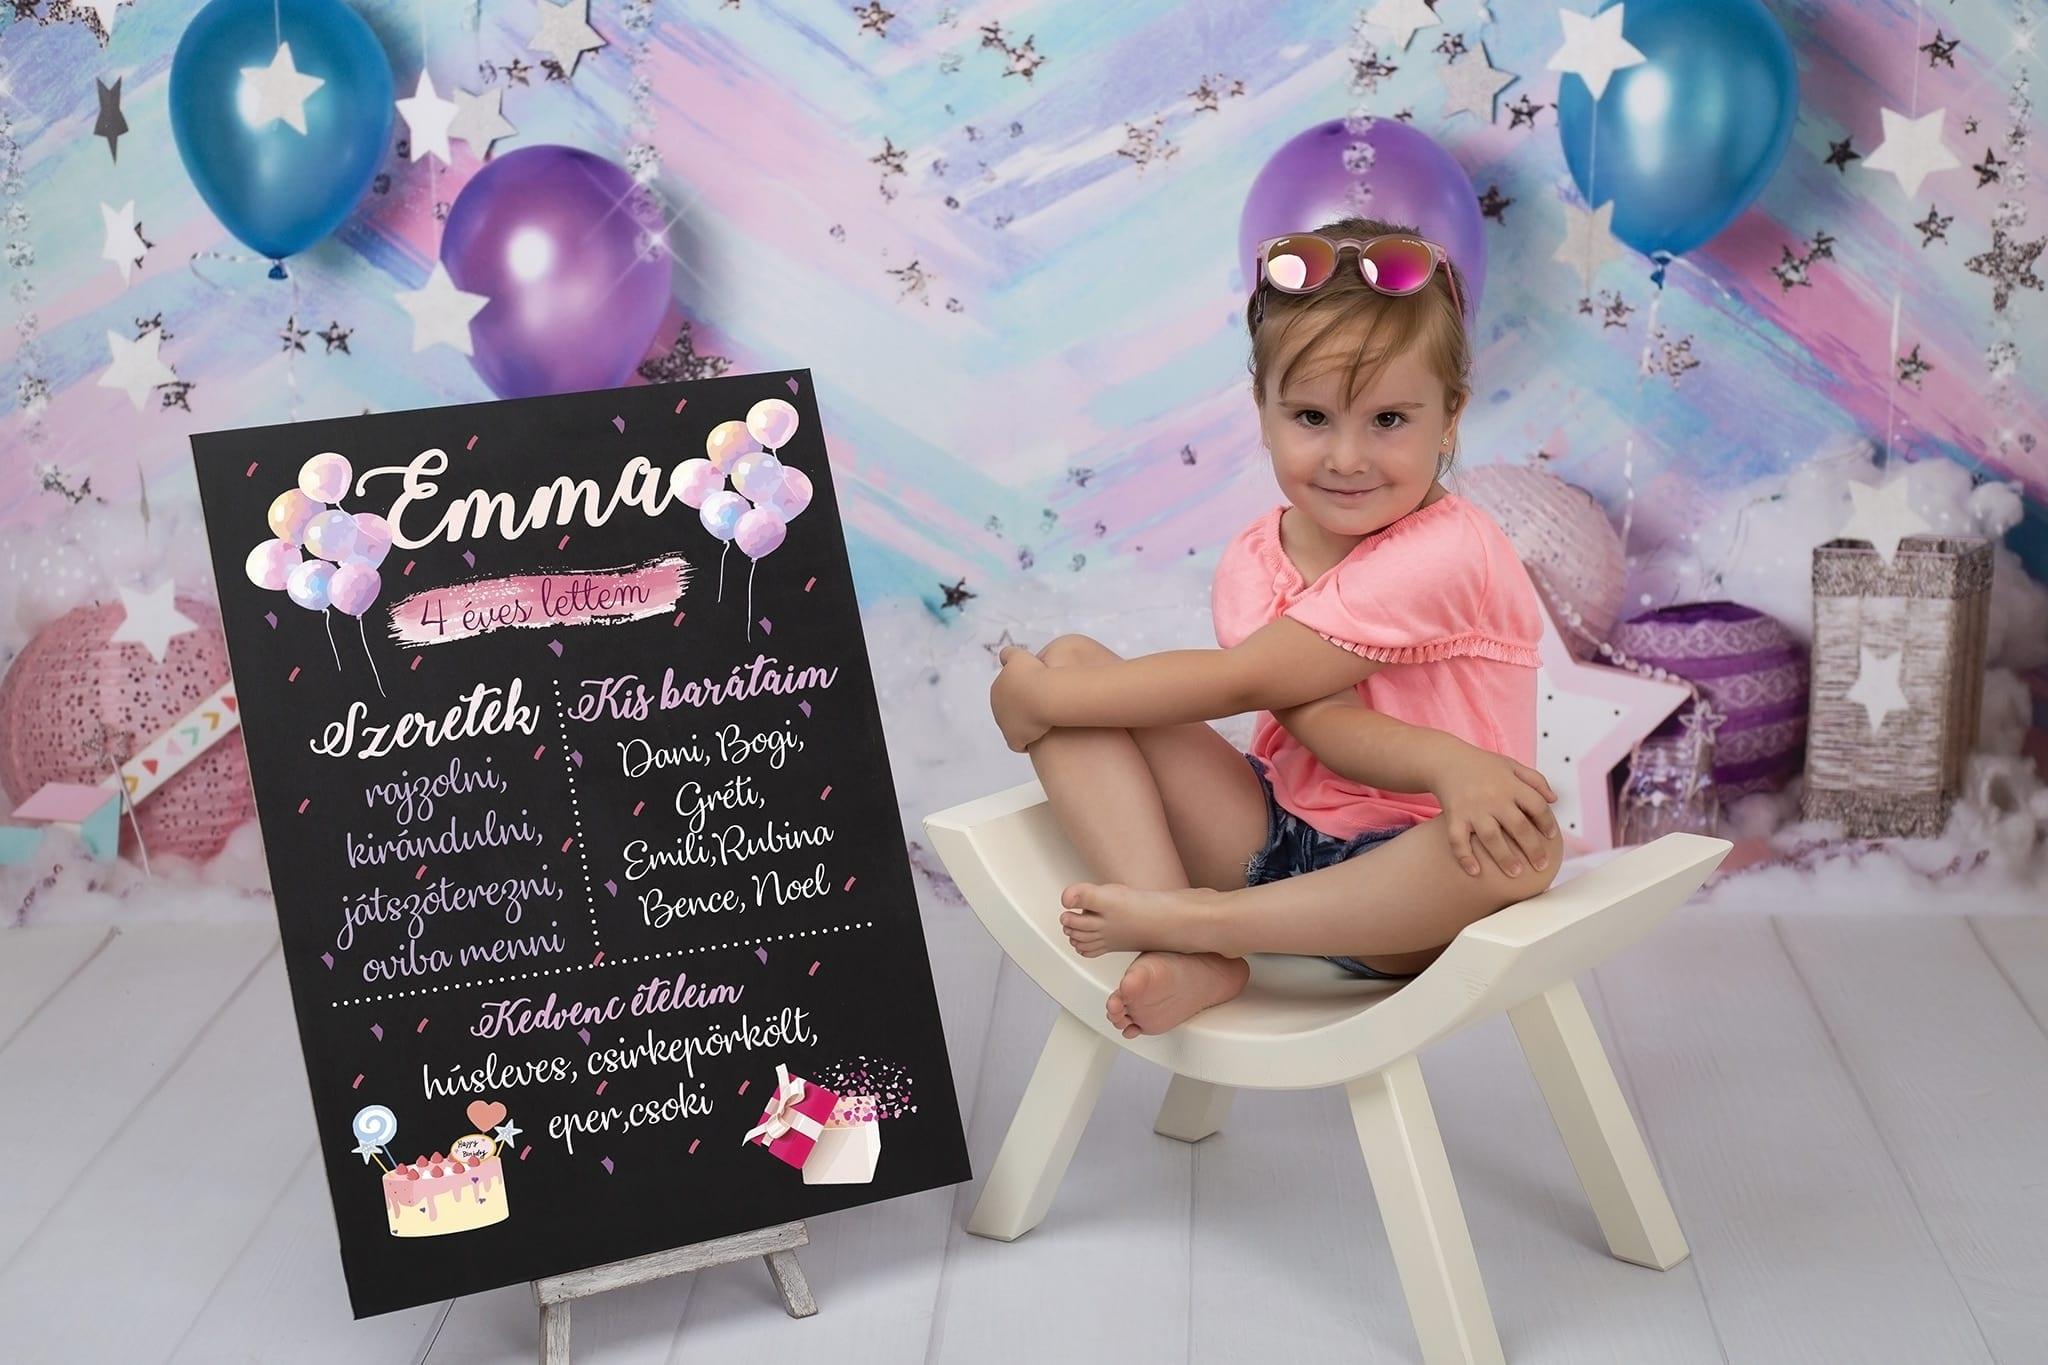 Születésnapi gyermek fotózás kreatív táblával budapesti fotóstúdióban 2020